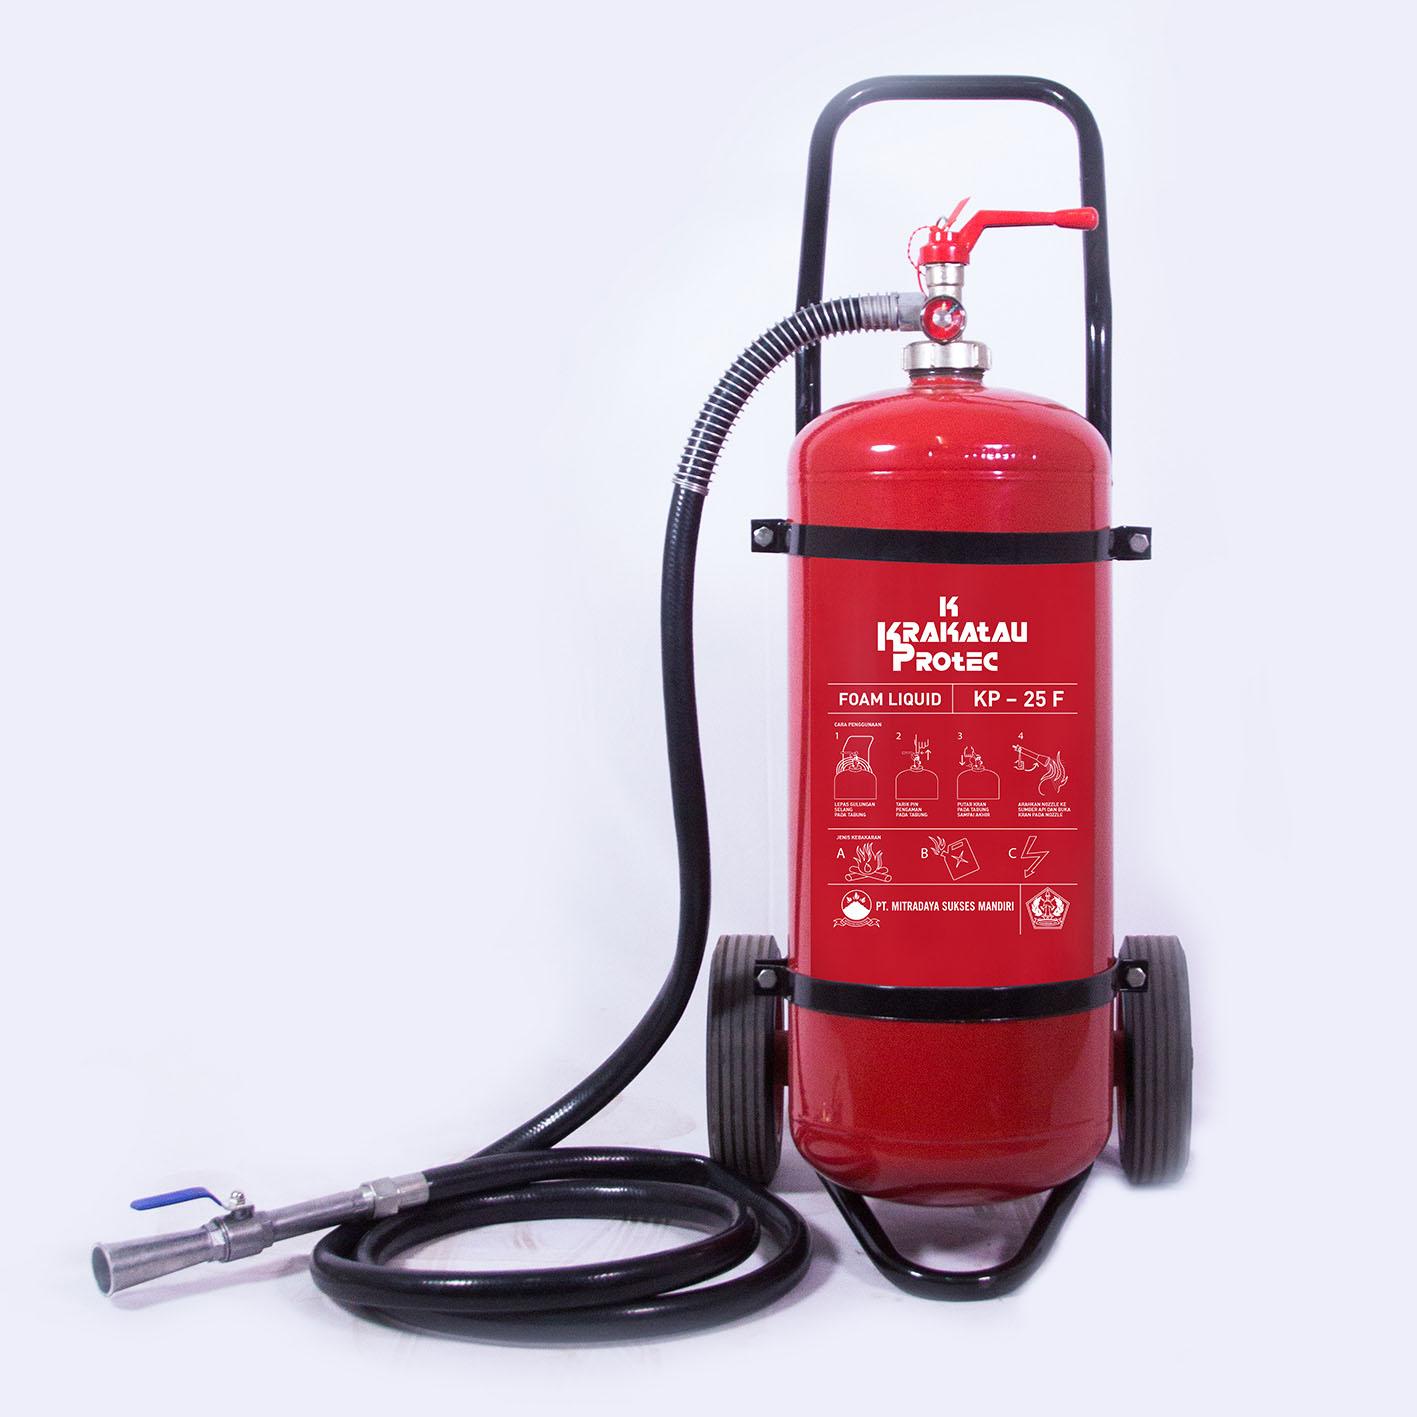 Foam Liquid 25 Kg / KP25F